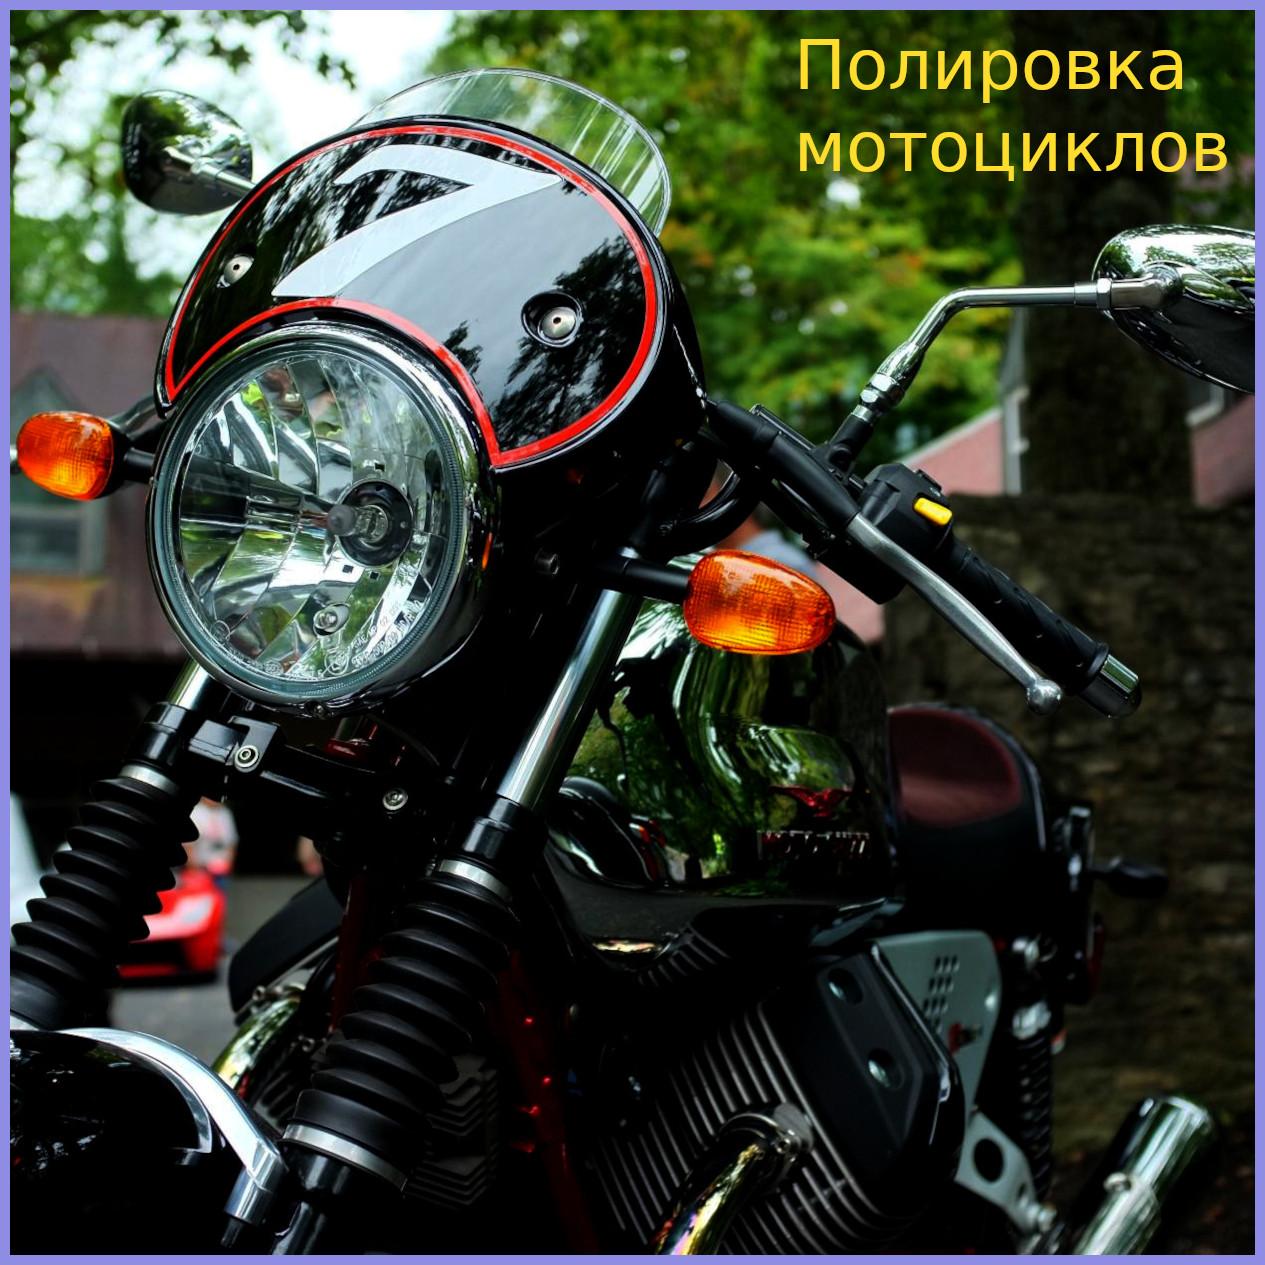 Полировка мотоцикла в СПб